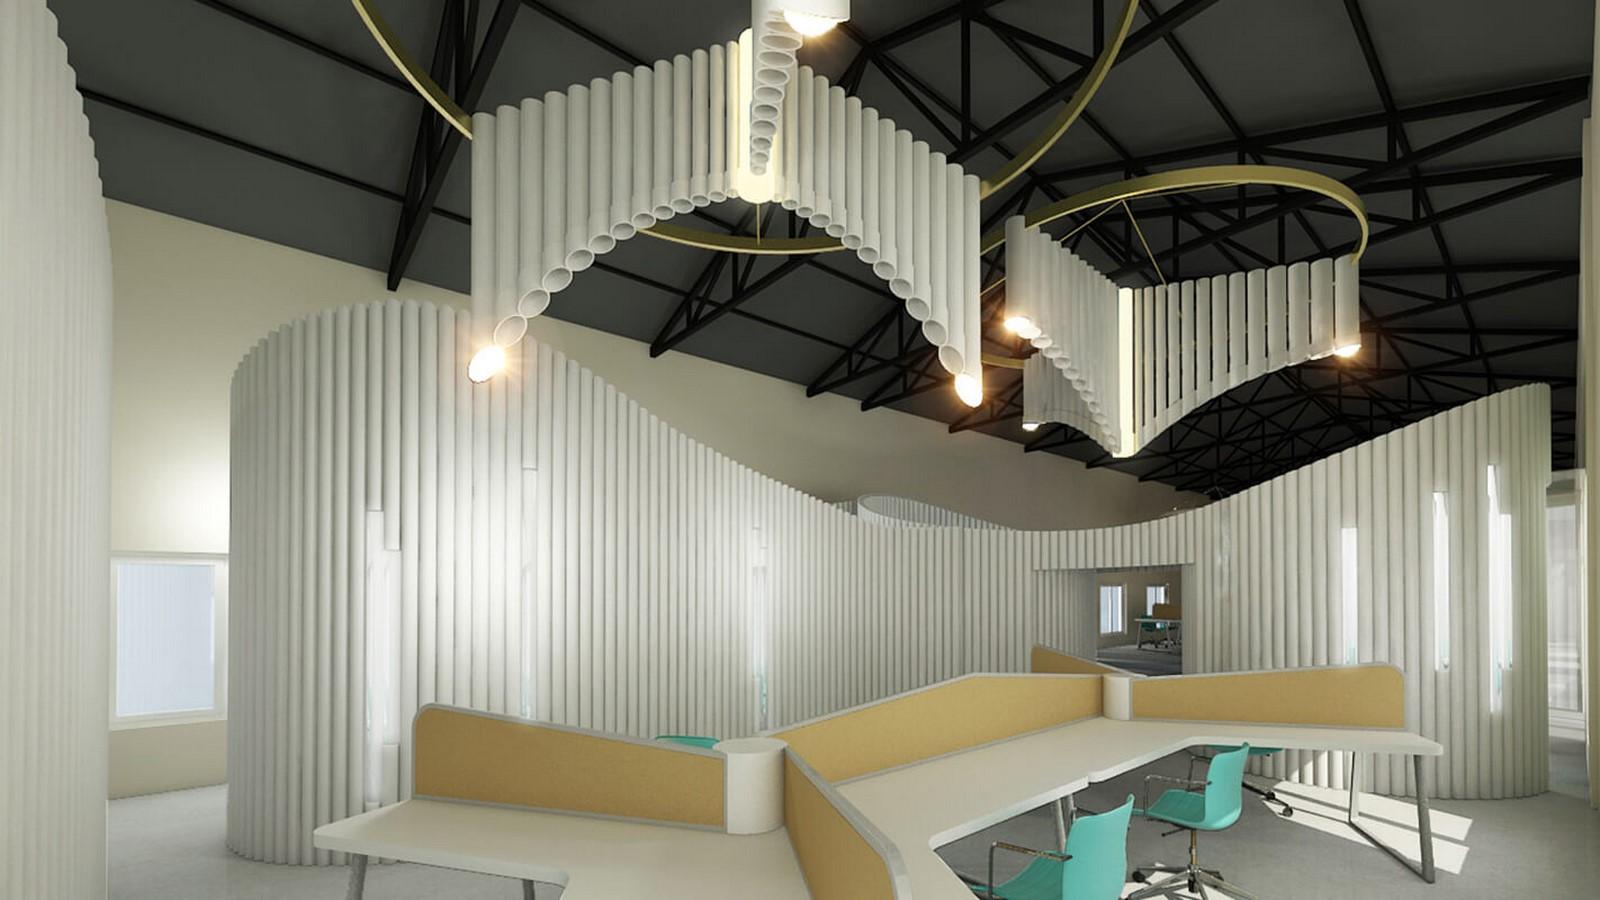 Finolex office, Pune - Sheet1